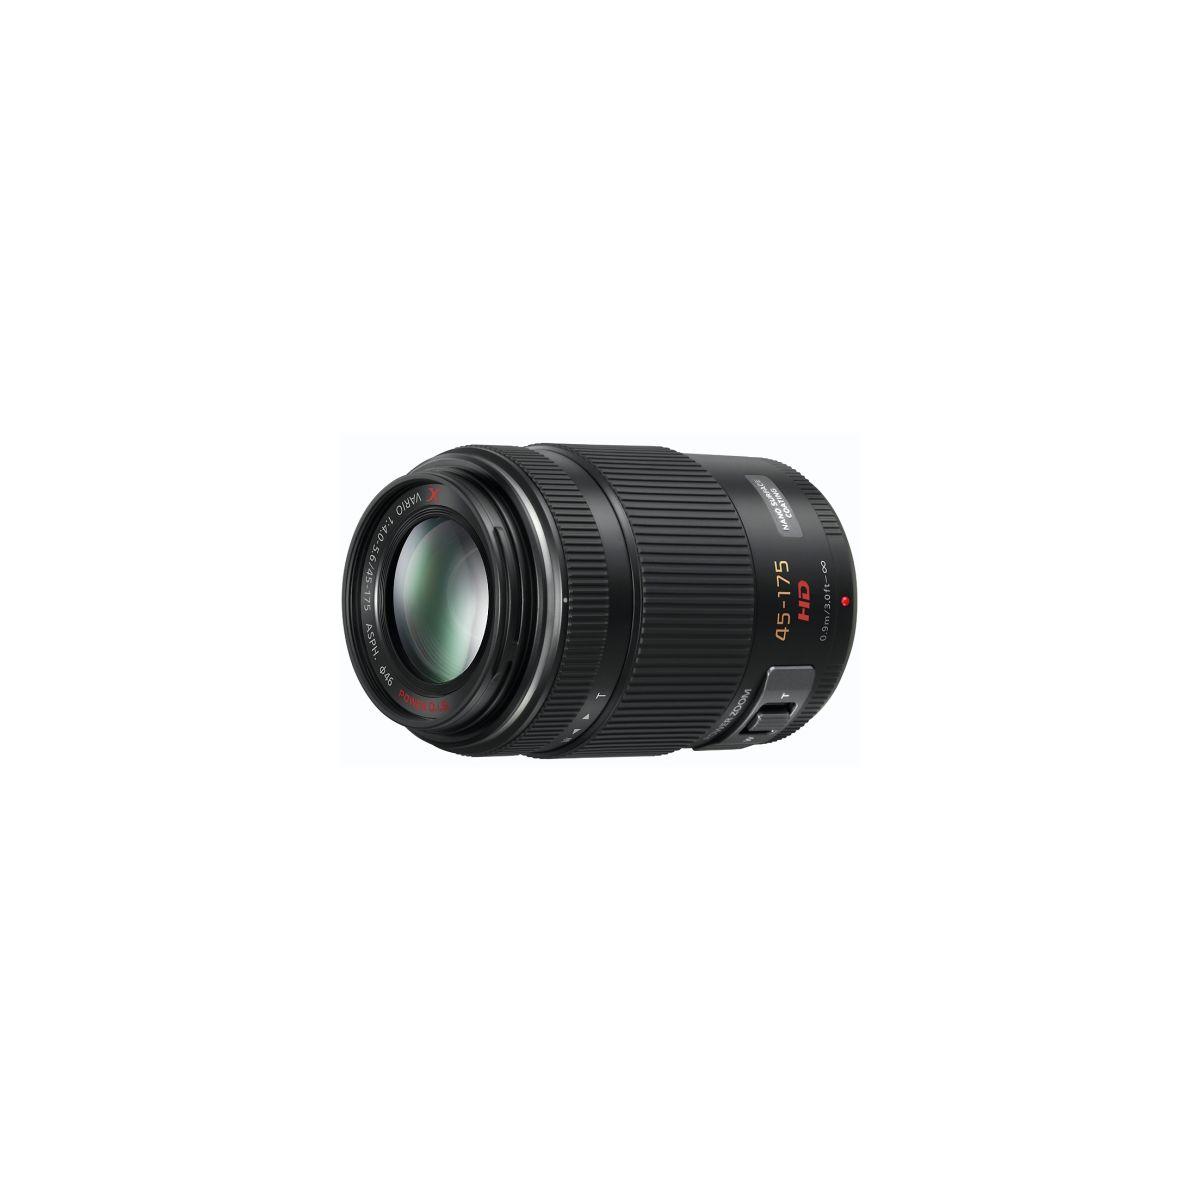 Objectif PANASONIC 45-175 mm f/4.0-5.6 X Powerzoom (pour Hybride numérique PANASONIC)